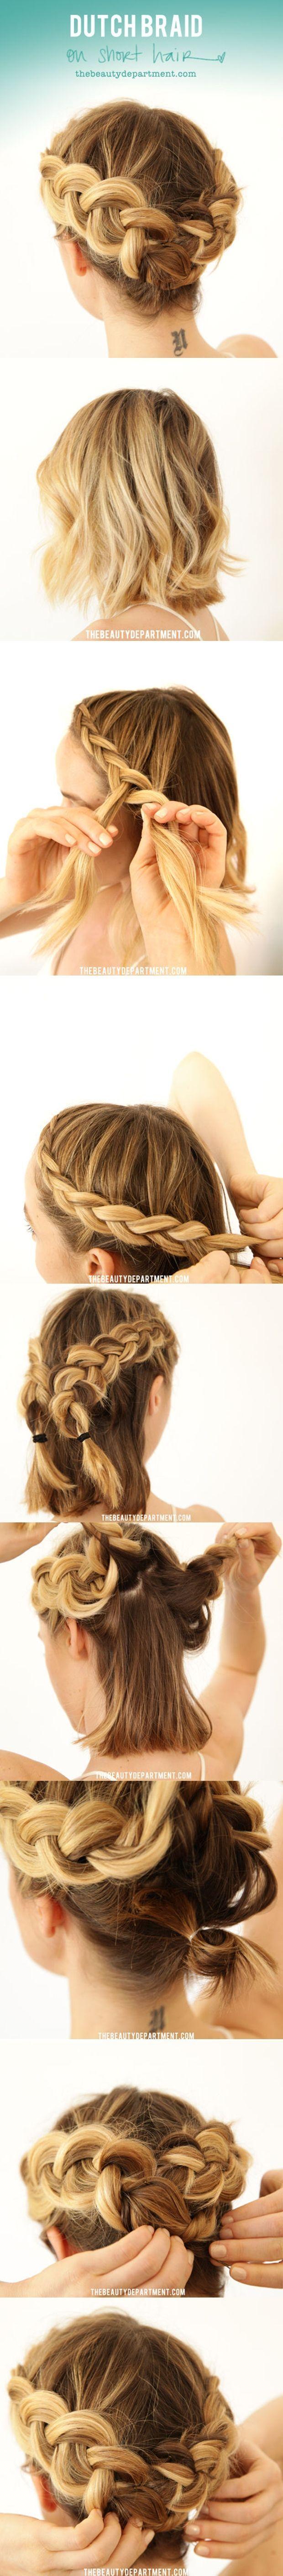 Excellent 1000 Ideas About Braid Short Hair On Pinterest Short Hair Short Hairstyles Gunalazisus